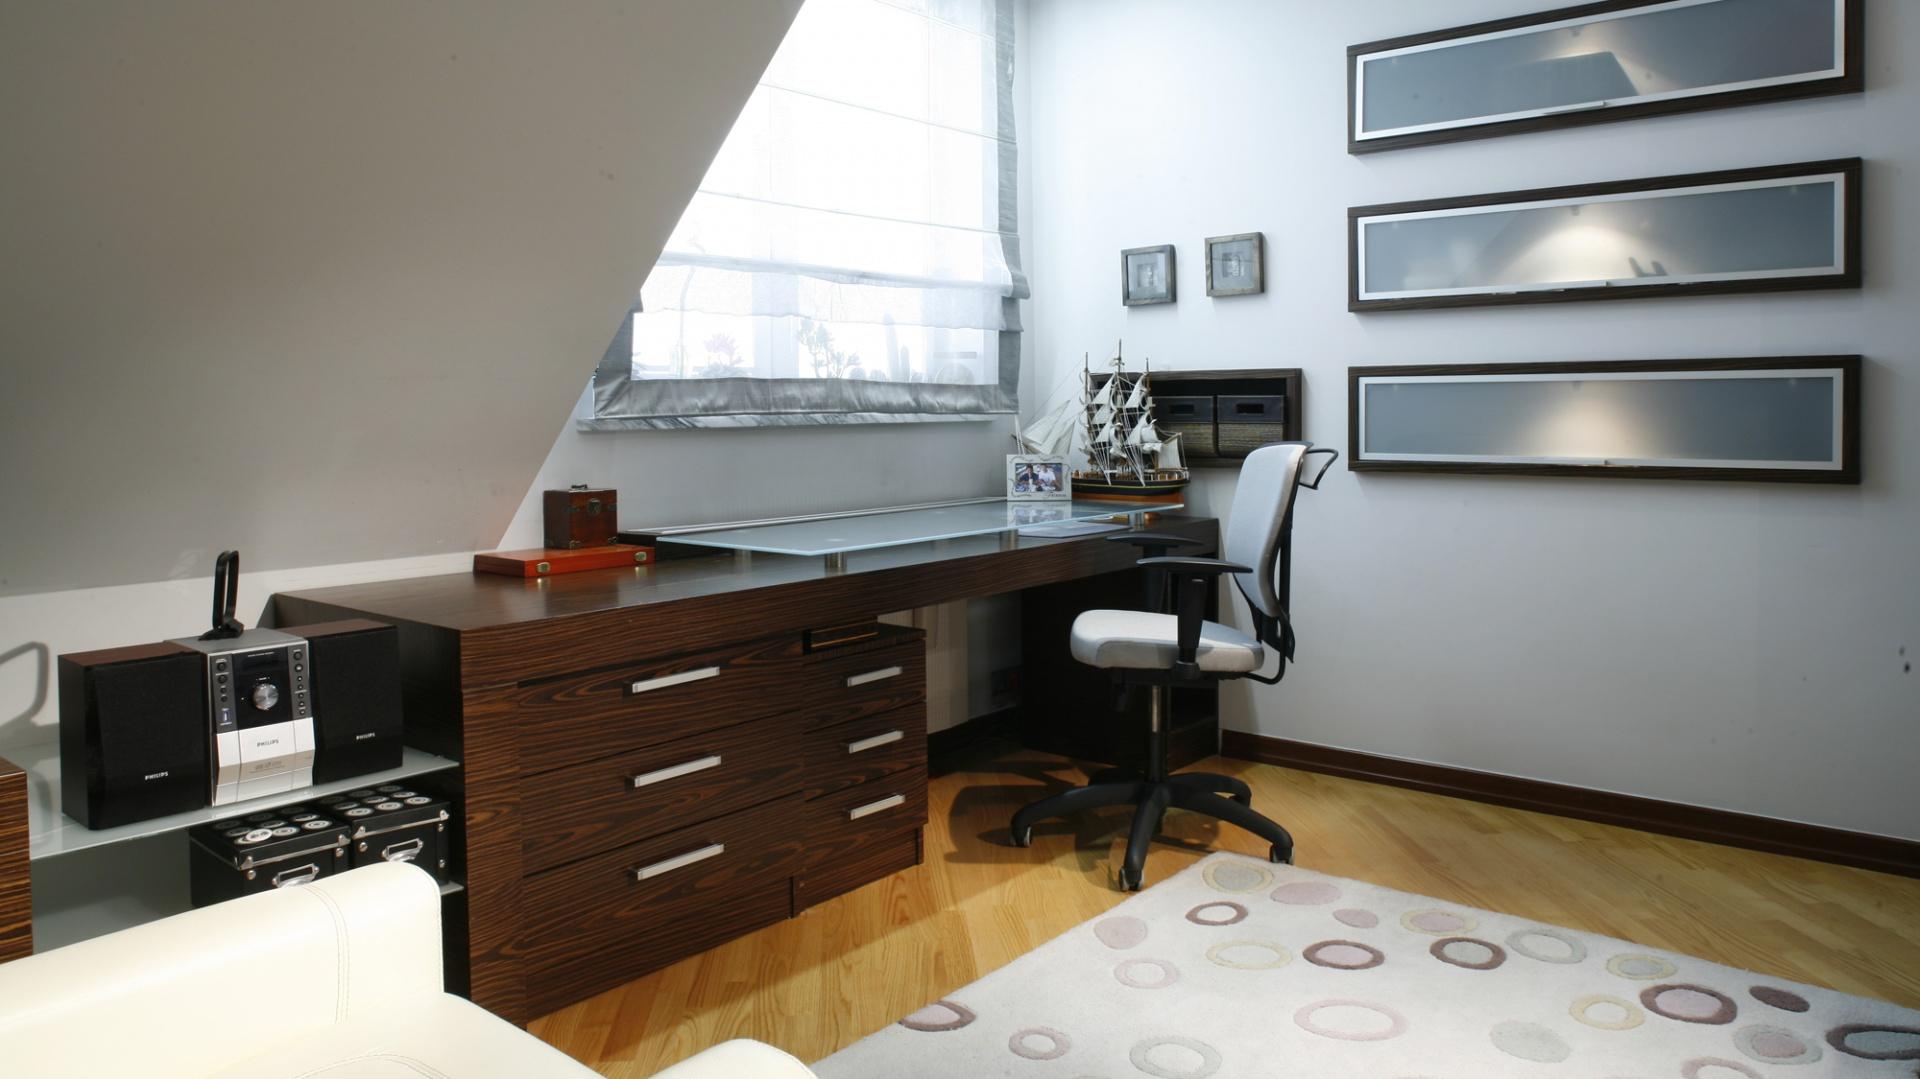 """Eleganckie, wygodne, duże biurko (zaprojektowane przez arch. Julitę Chrząstek) bez problemu zmieści """"w sobie"""" zarówno szkolne zaszyty i książki, jak i przeróżne """"pirackie drobiazgi"""". Fot. Monika Filipiuk."""